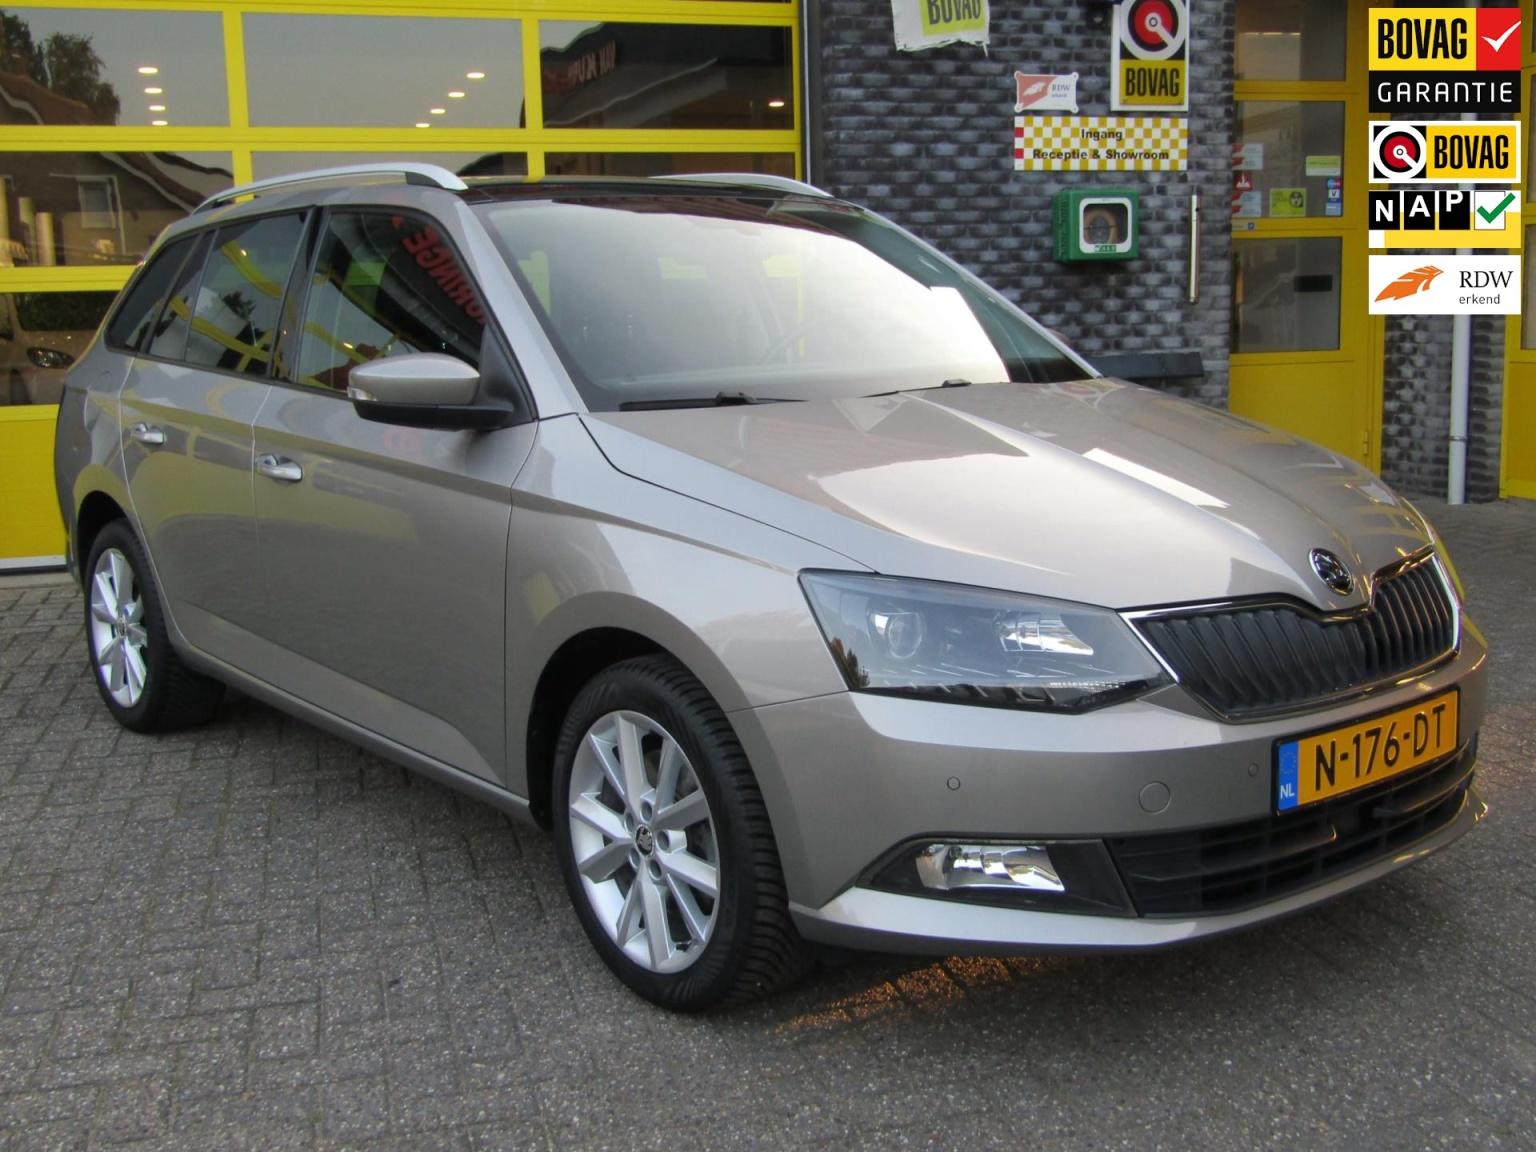 Škoda-Fabia-0